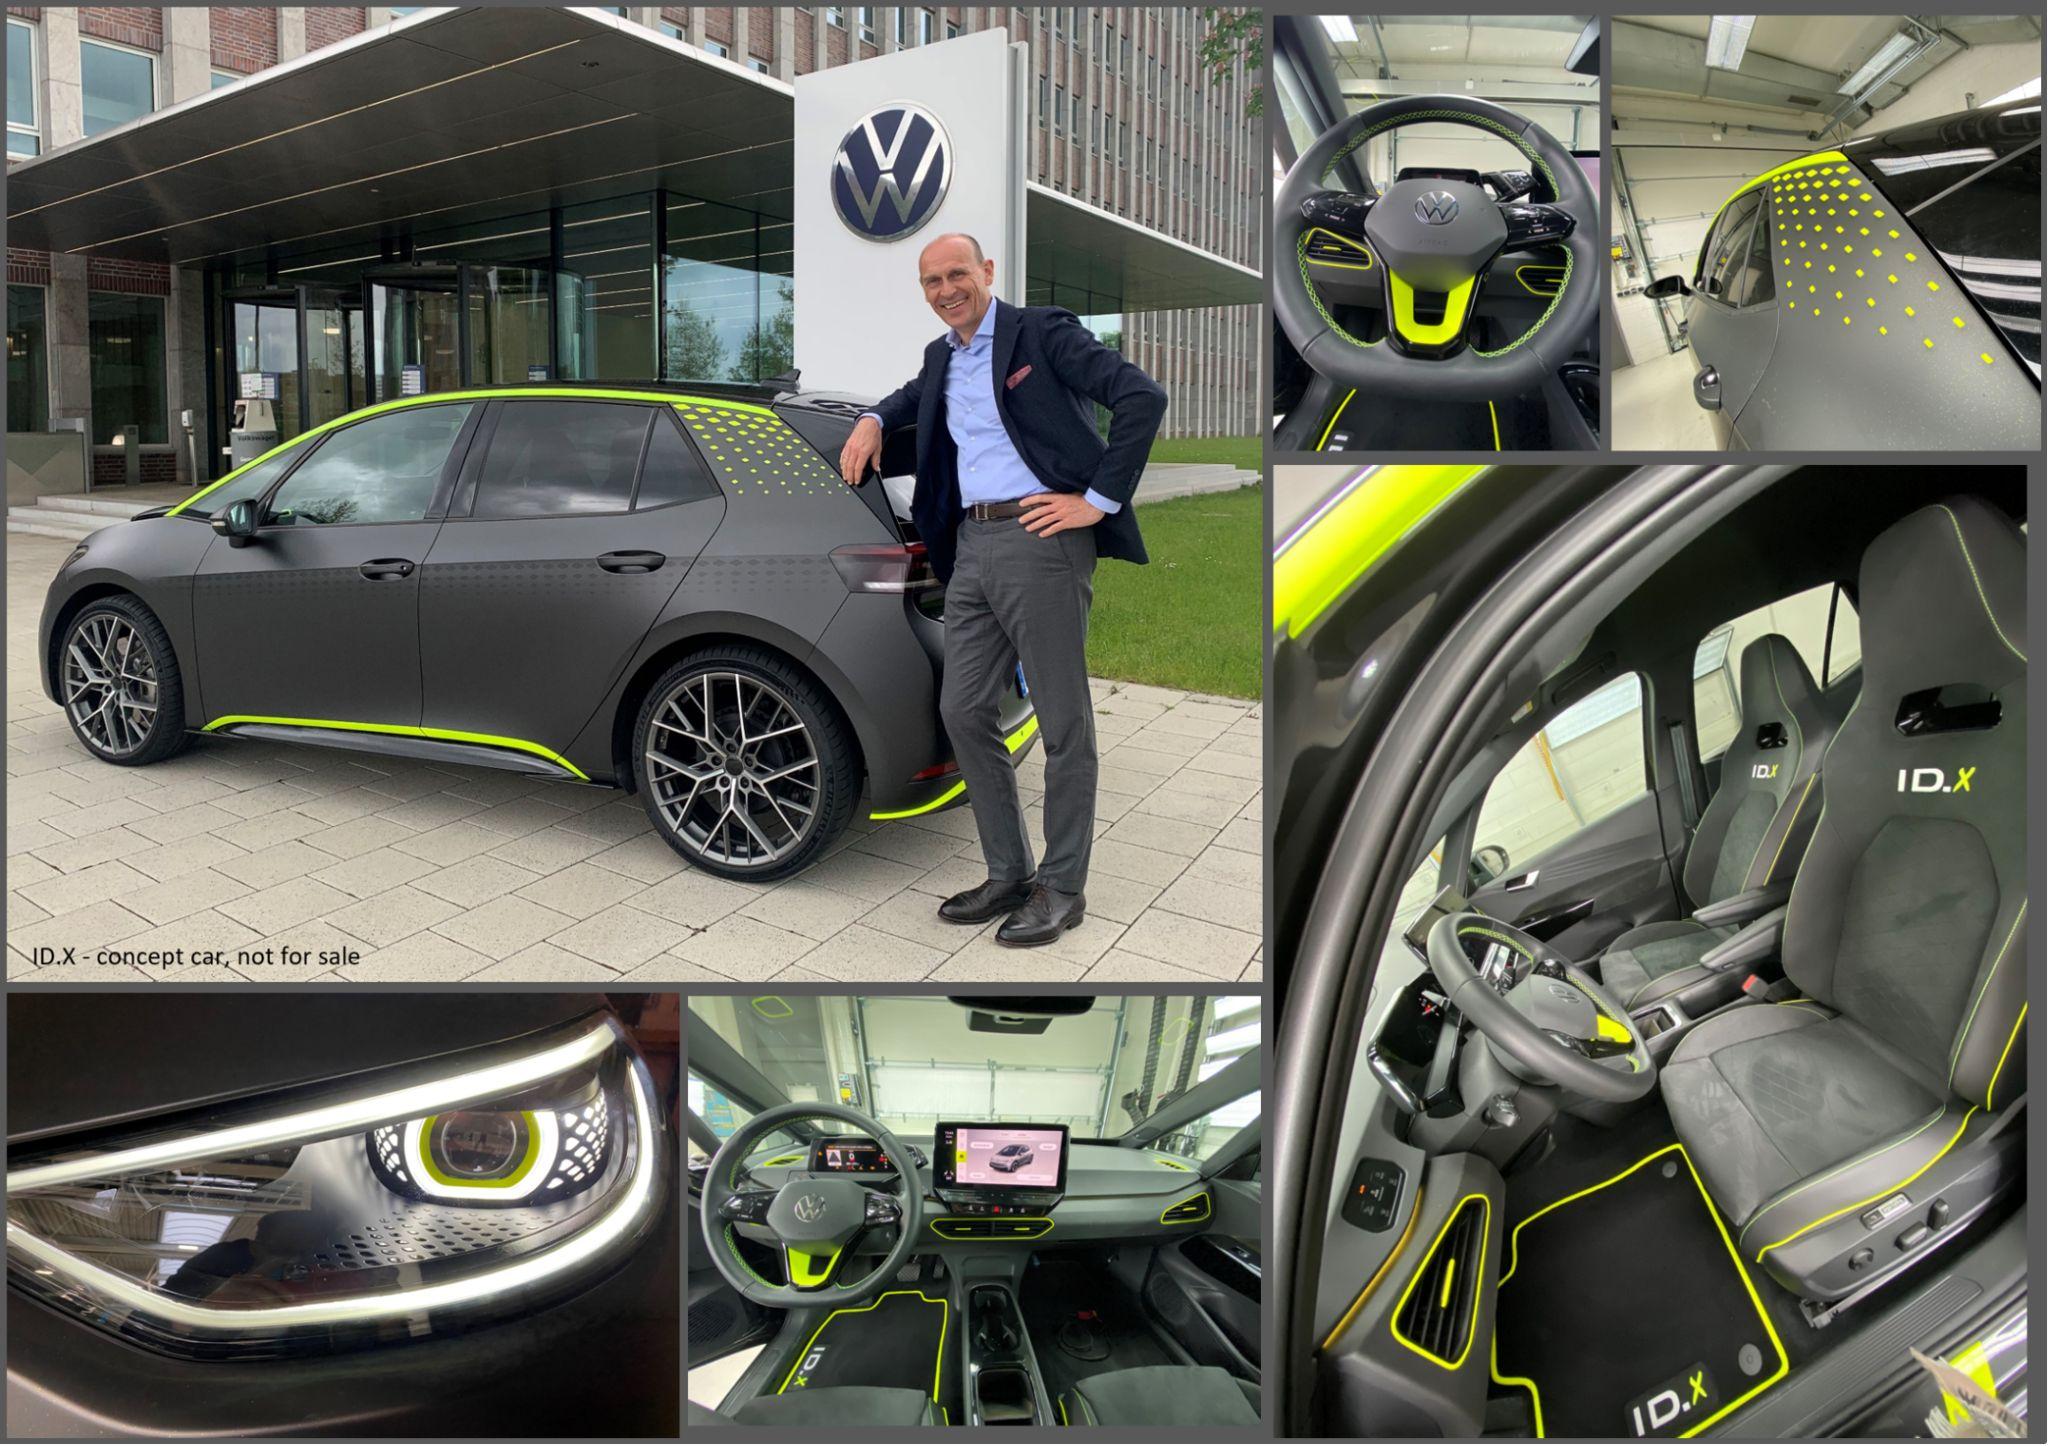 Volkswagen ID.X